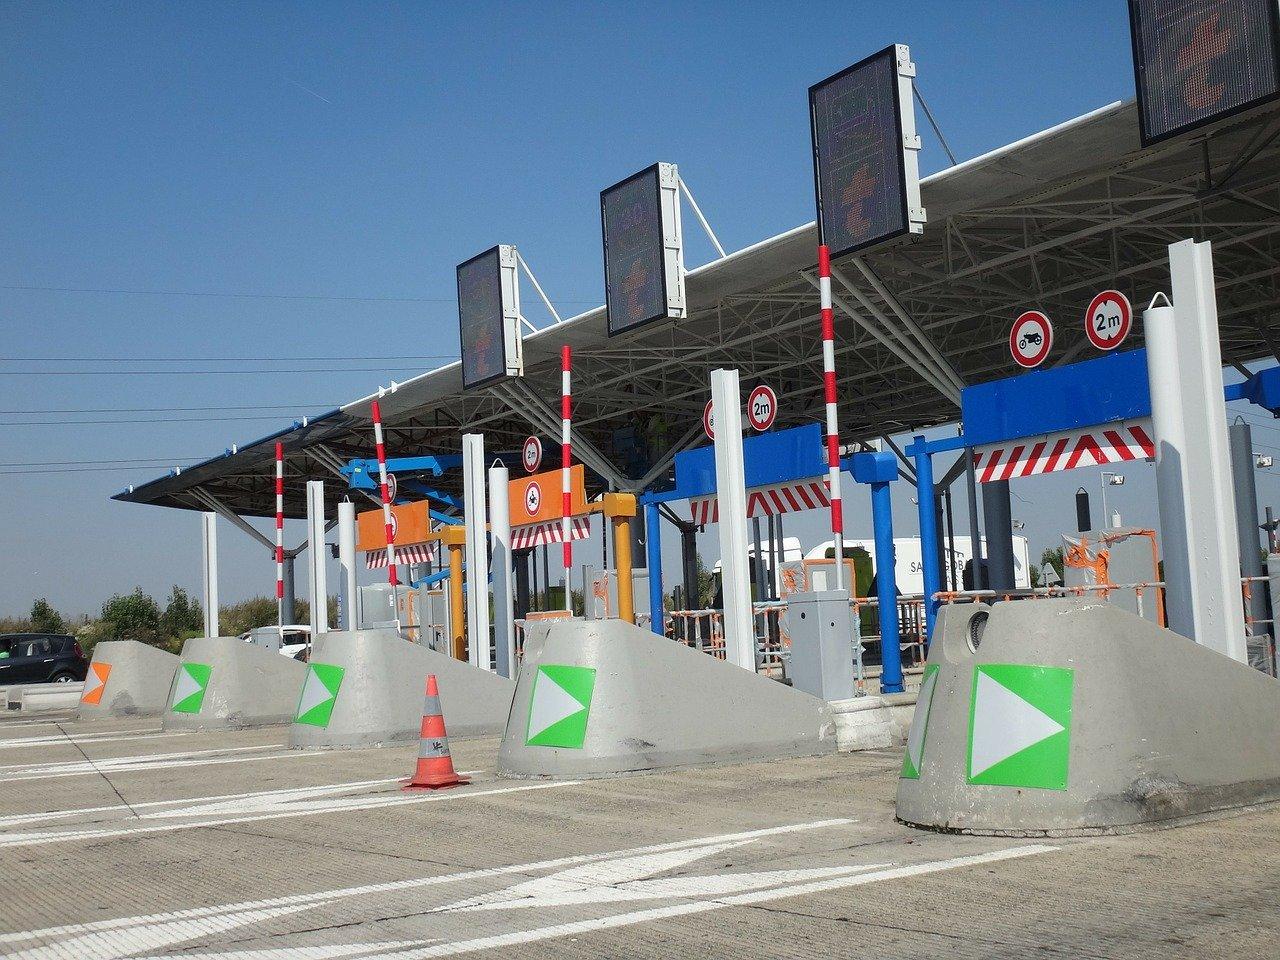 APRR a enregistré une baisse de 60% du trafic des véhicules légers sur son réseau autoroutier.